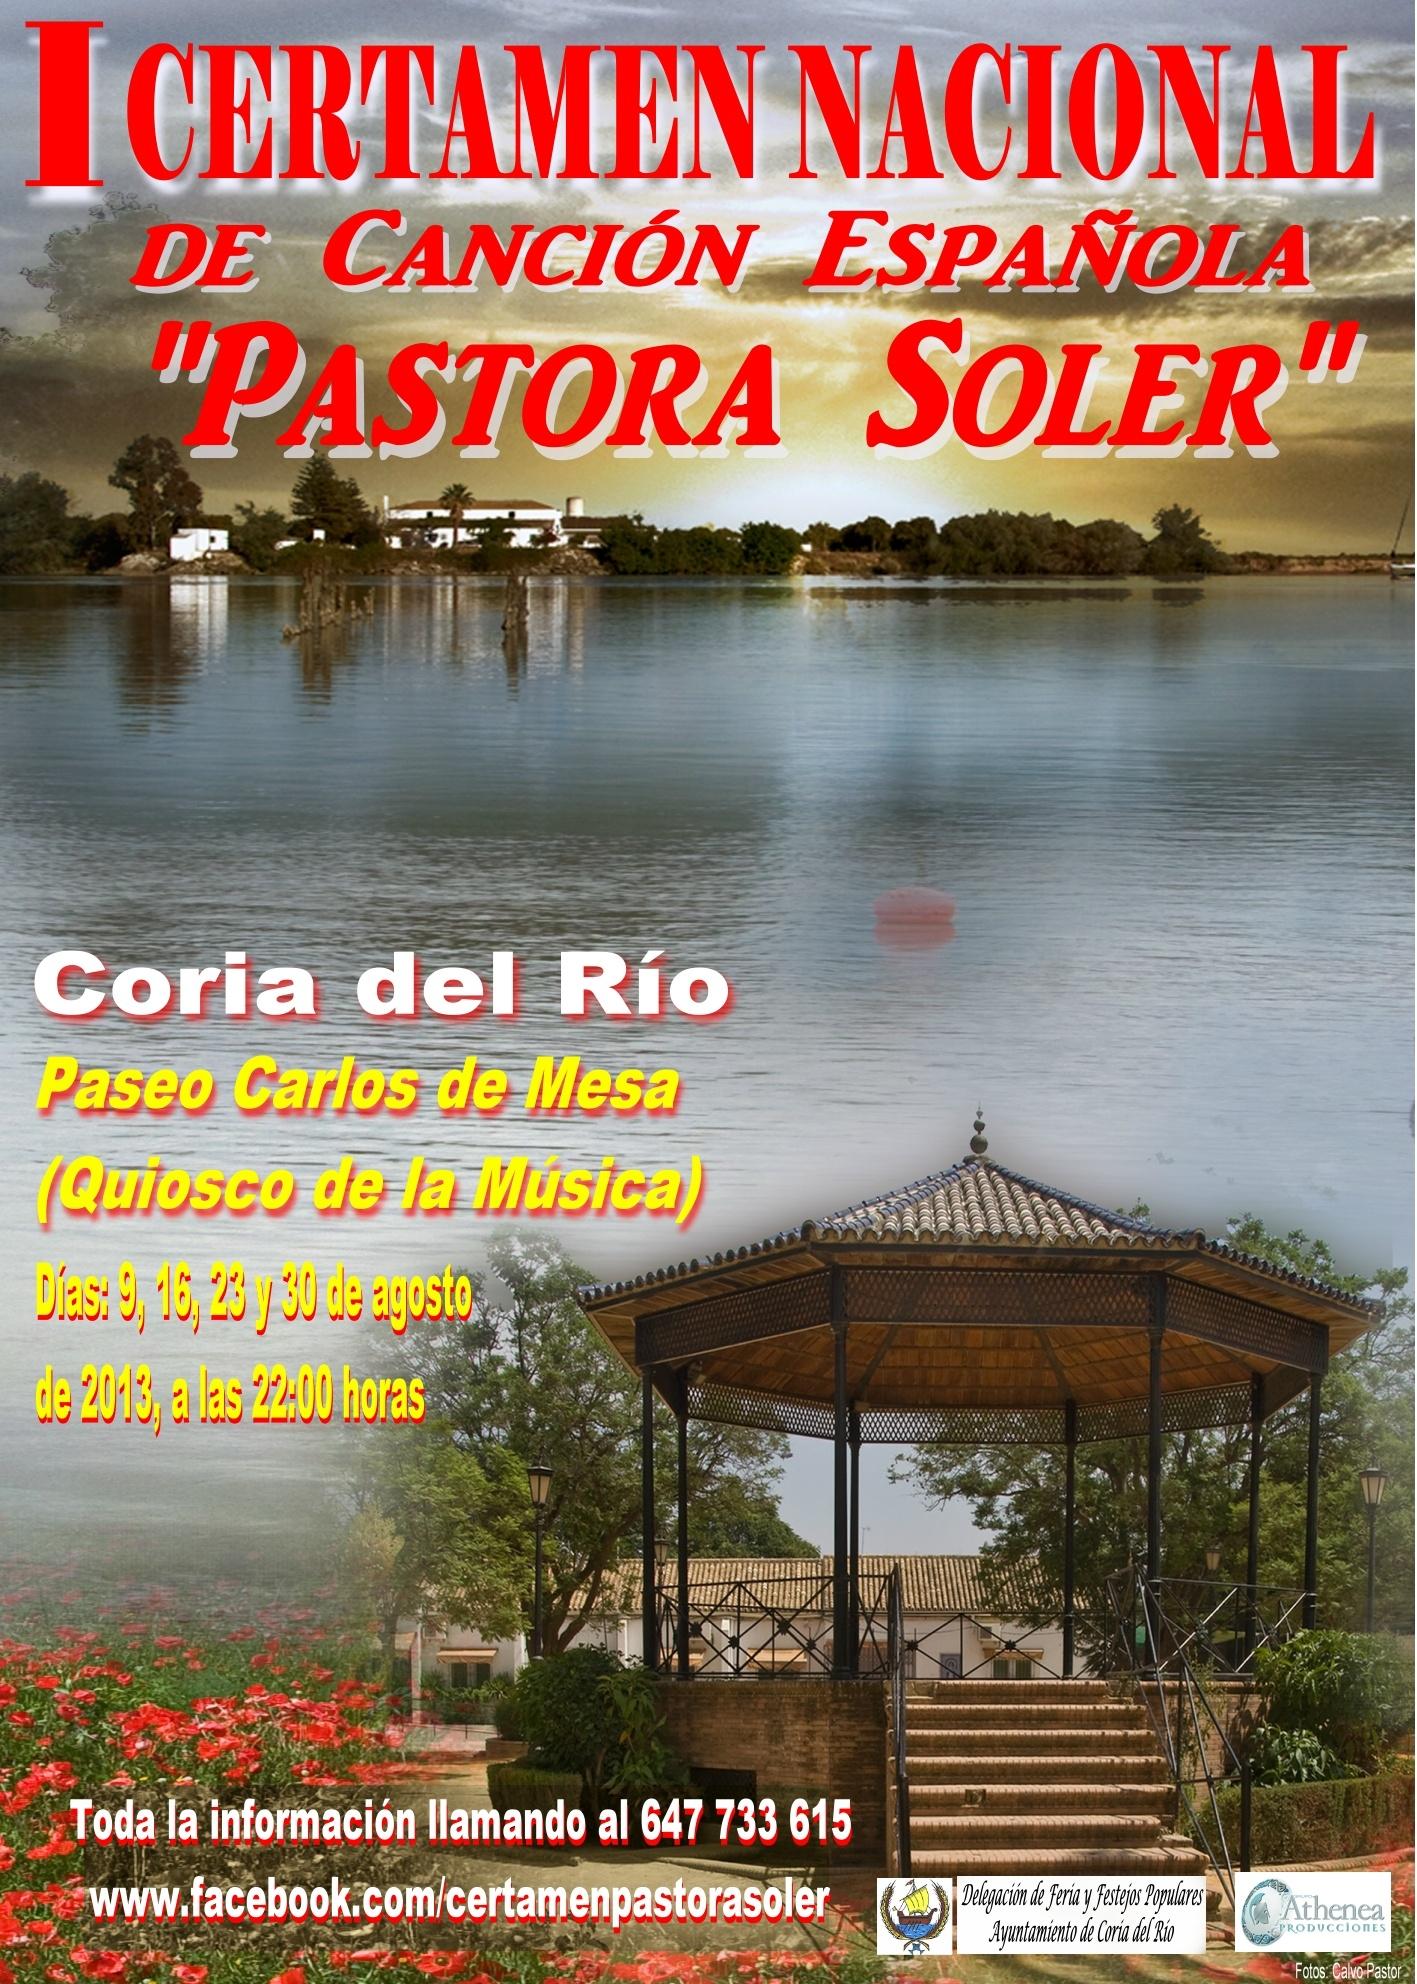 """I Certamen de Copla """"Pastora Soler"""" en Coria del Río"""